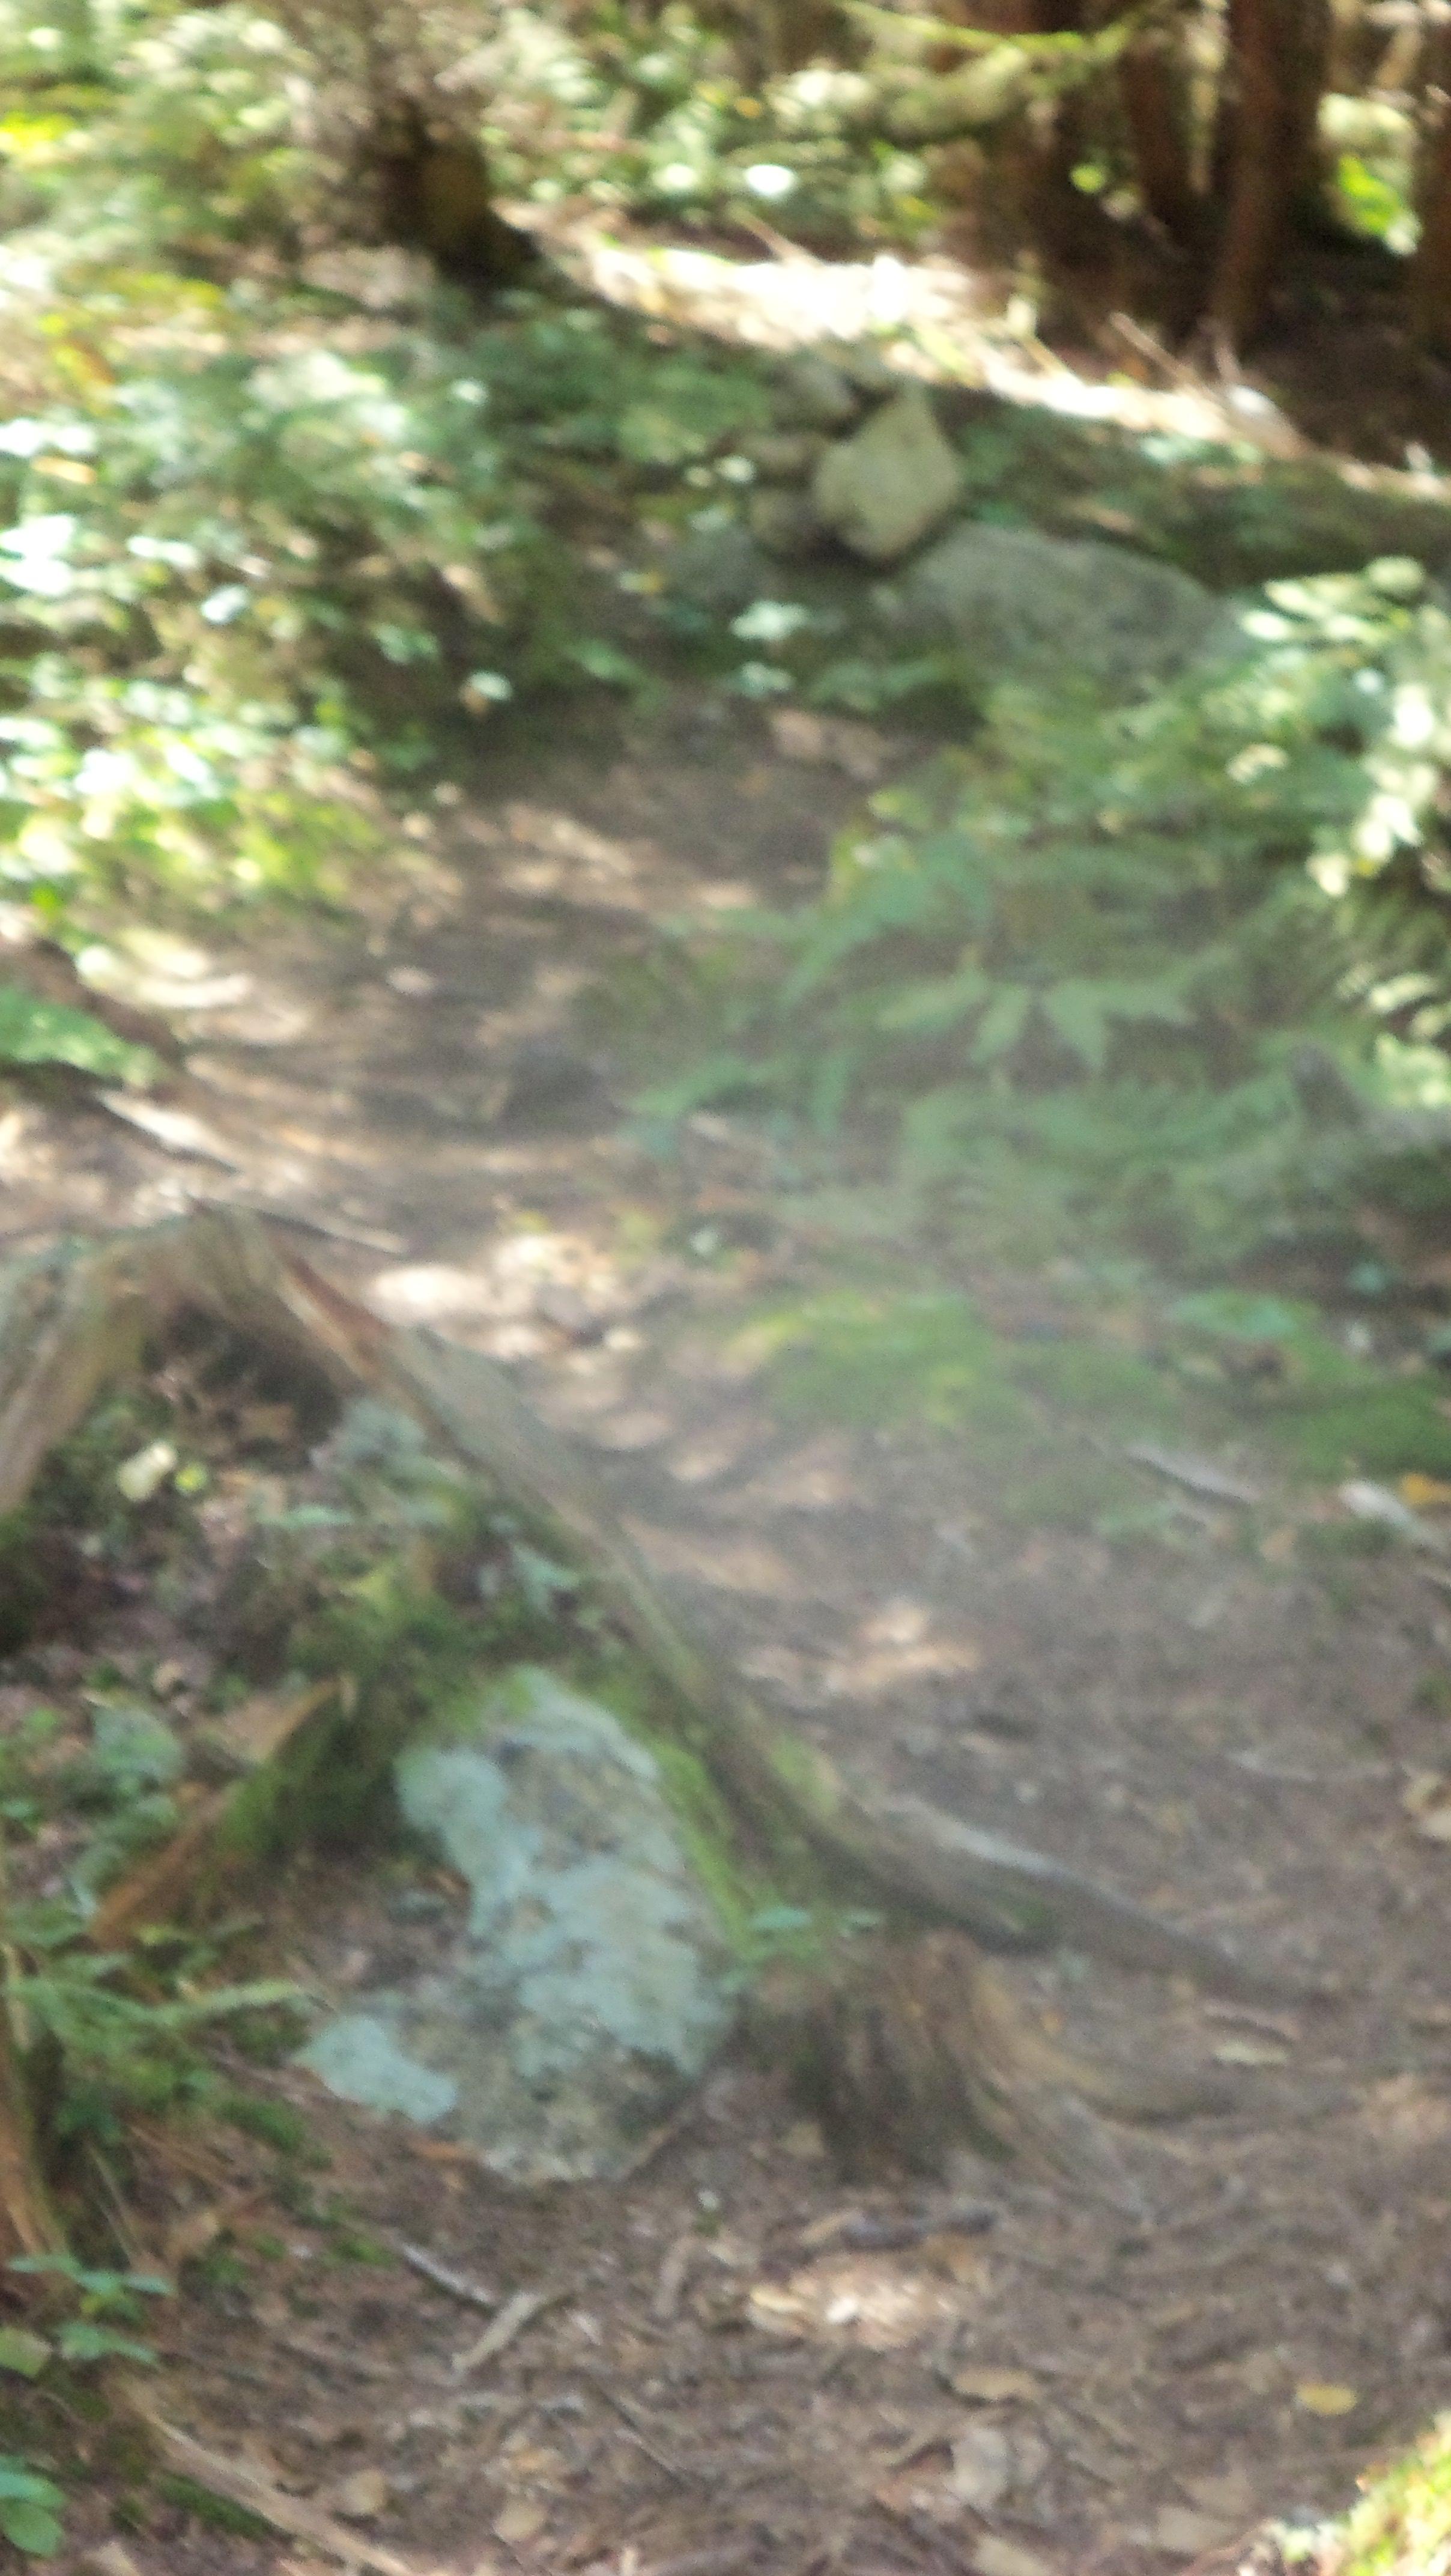 cairn marking Lillian Brook herd path